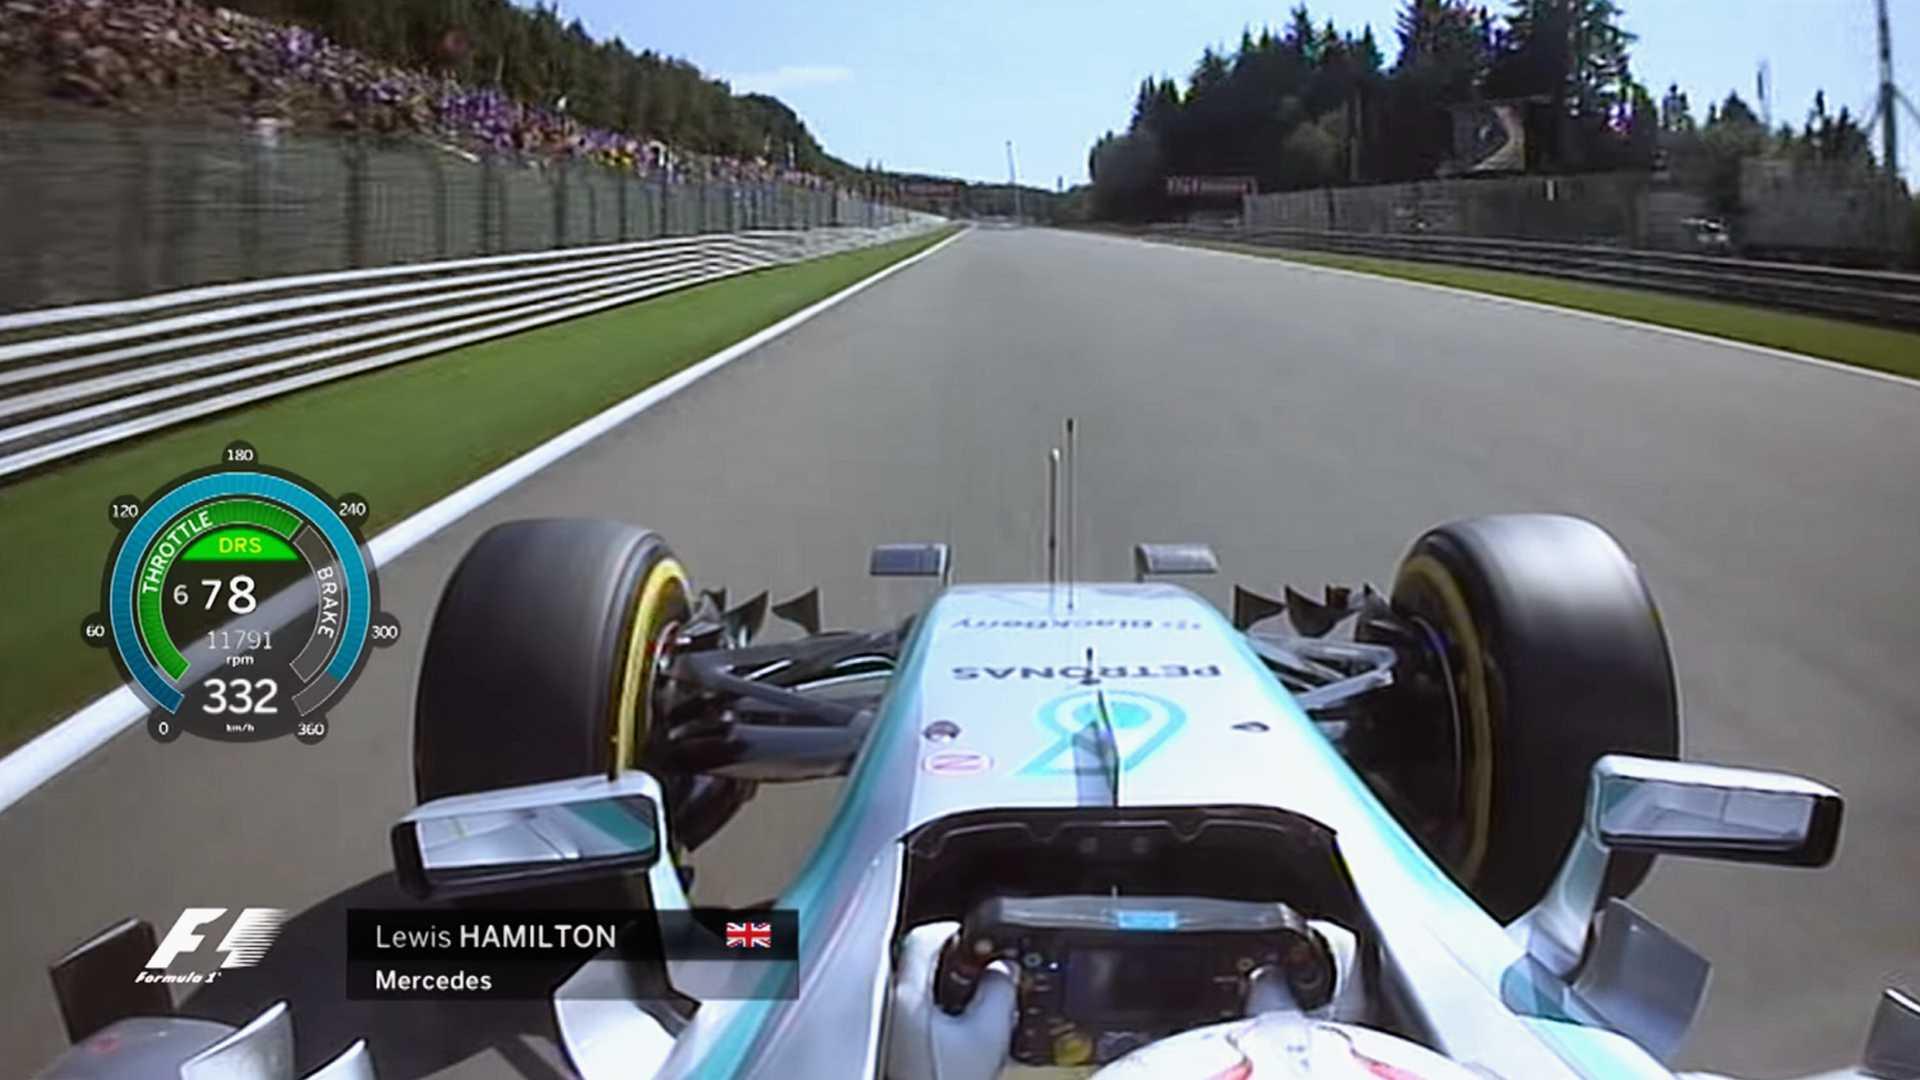 VN BELGIJE Circuit de Spa-Francorchamps Sektor 1 Slika 3